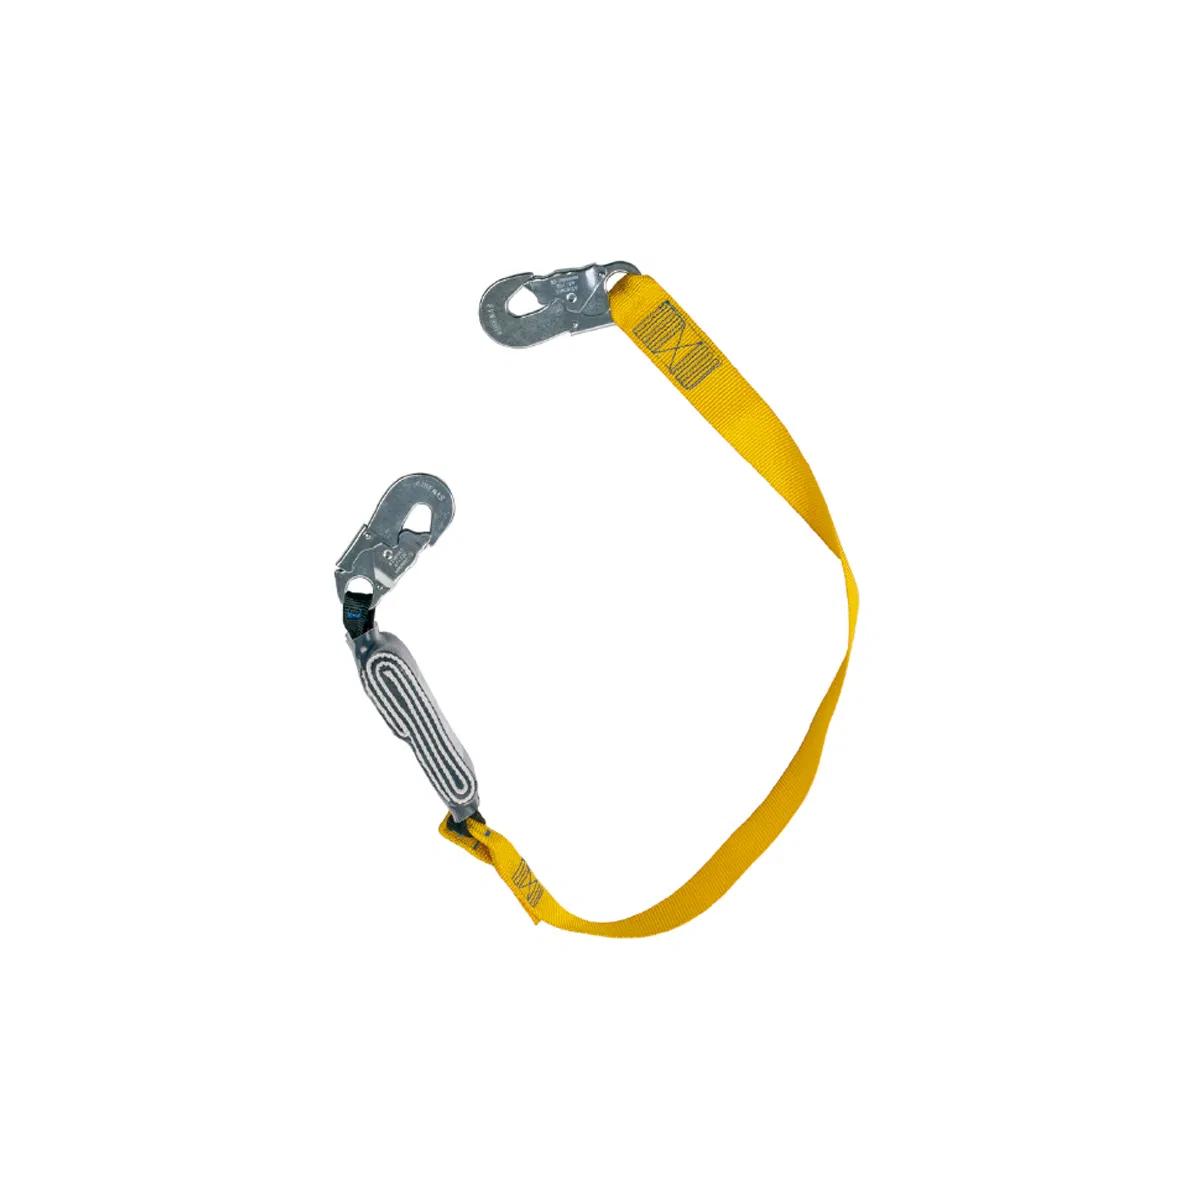 Talabarte de Segurança I com ABS AT FT ABS 701 - Athenas